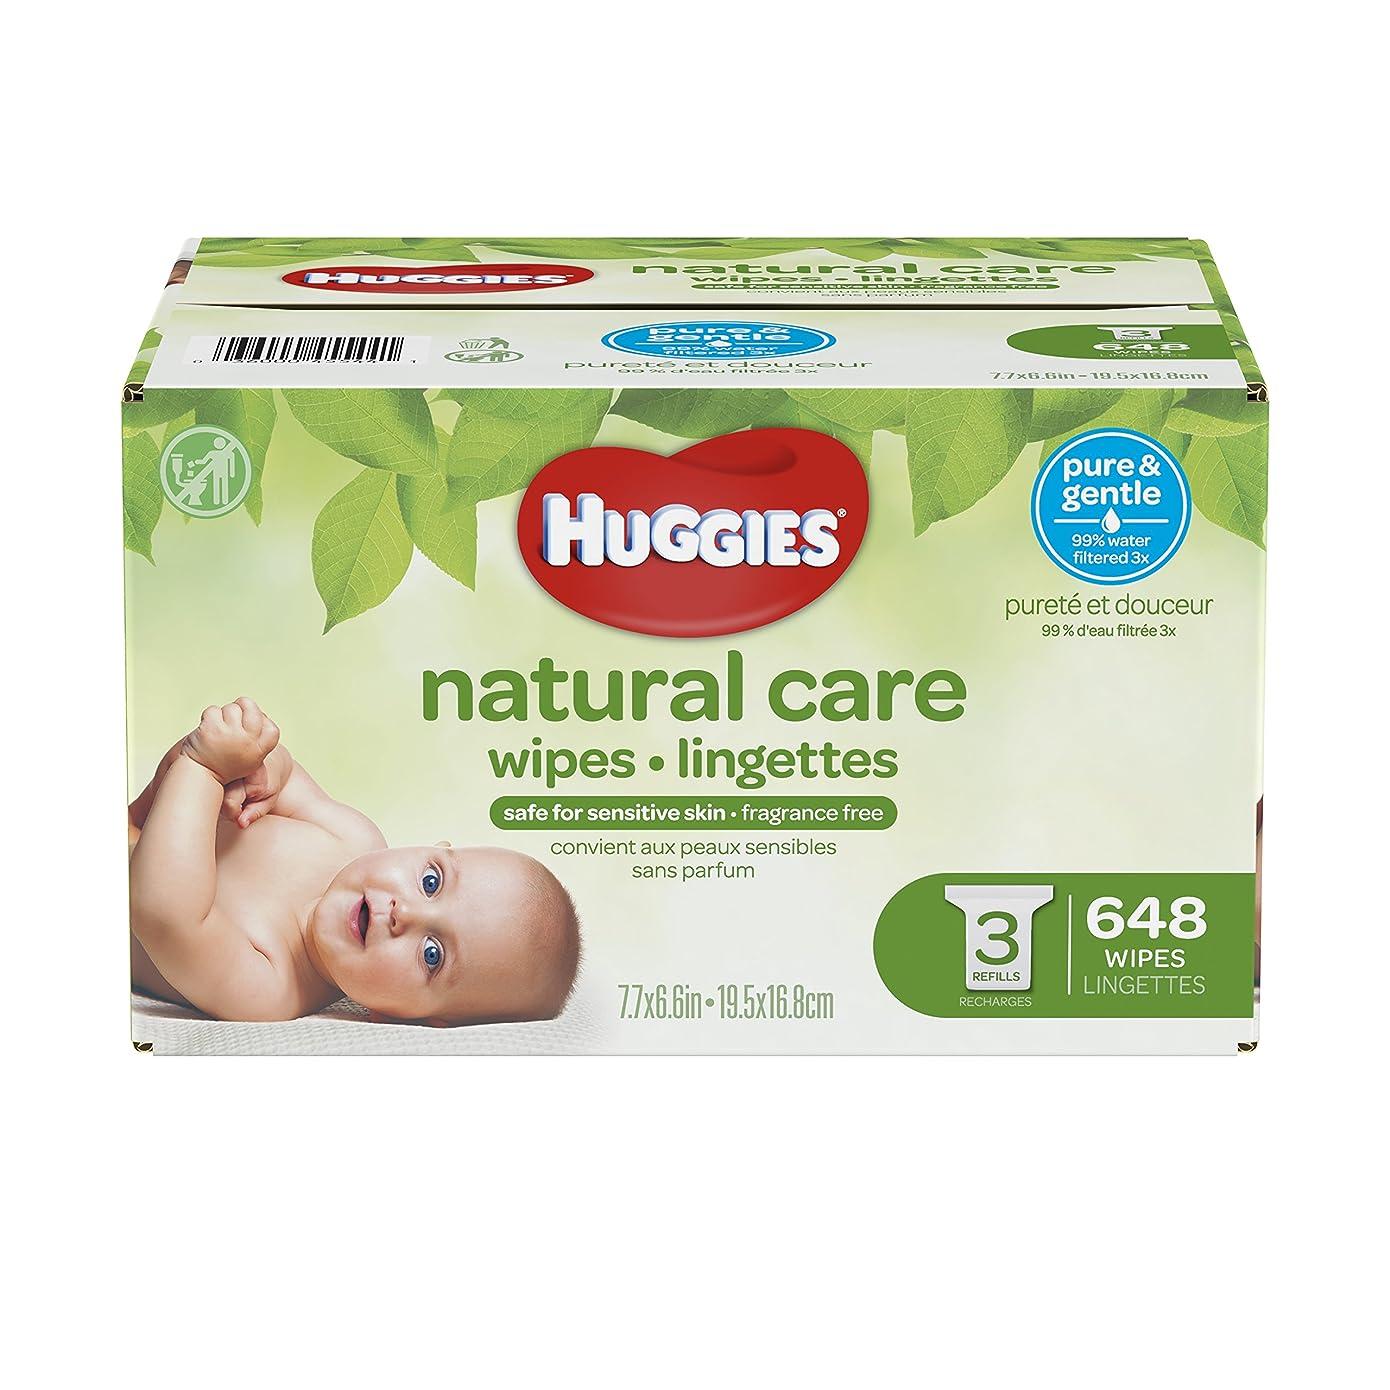 放射性やる写真撮影Huggies Natural Care Baby Wipes, Refill, Unscented, Hypoallergenic, Aloe and Vitamin E, 648 Count by Huggies